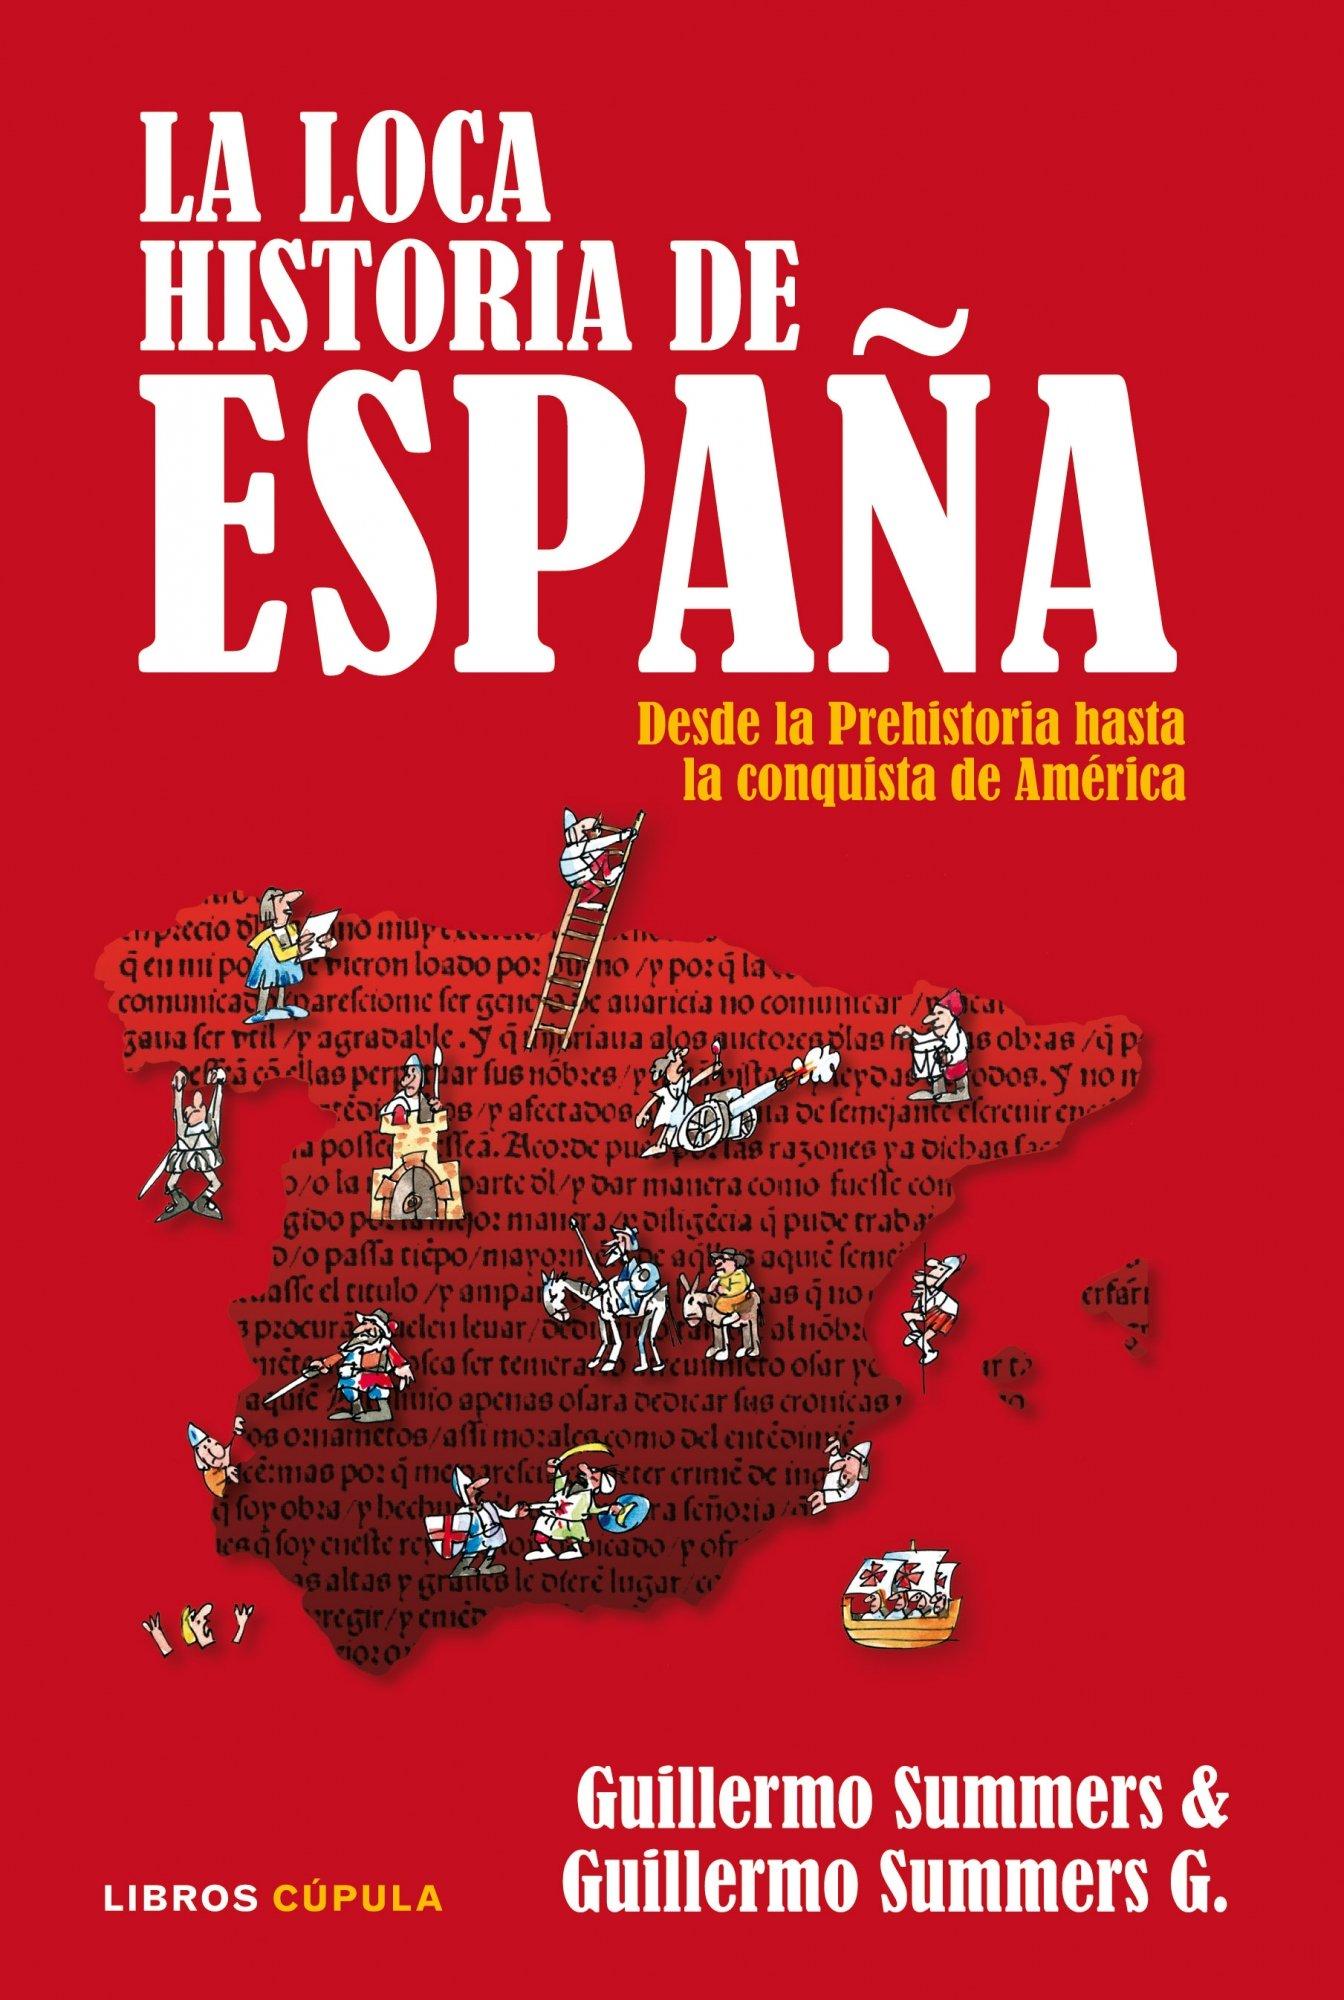 La loca Historia de España: Desde la Prehistoria hasta la conquista de América Humor: Amazon.es: Summers, Guillermo, Summers G., Guillermo: Libros